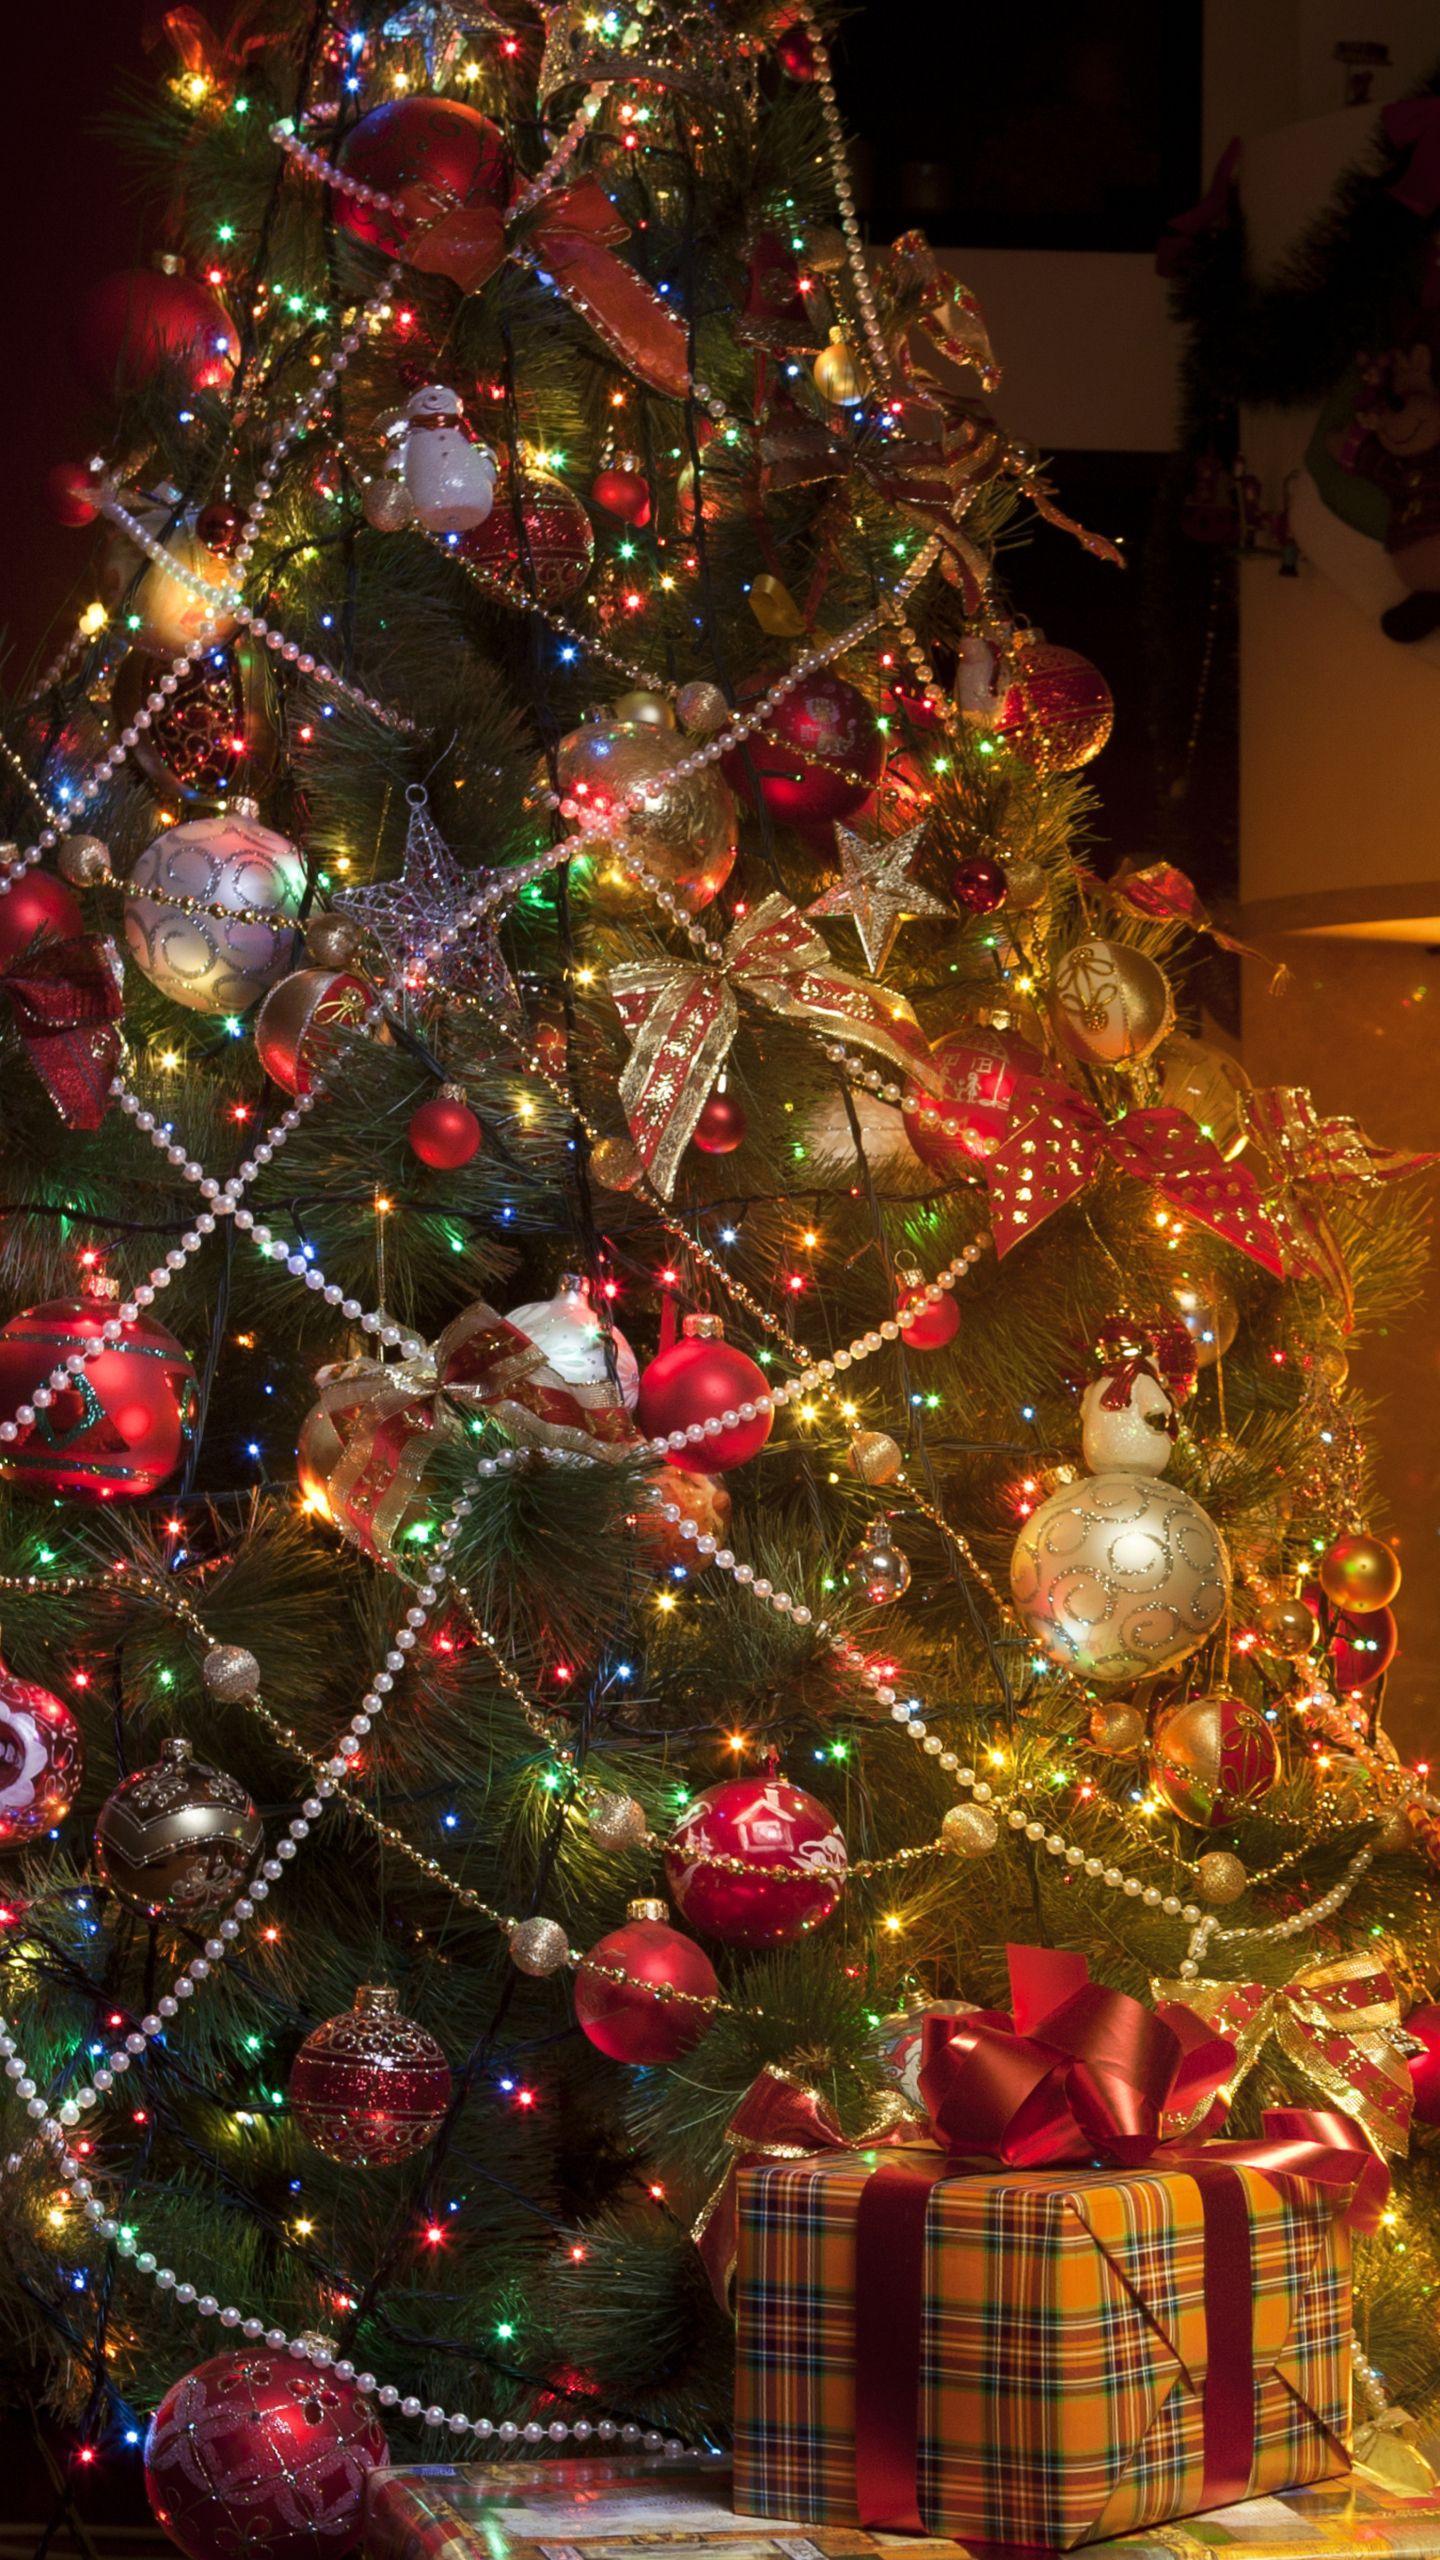 Christmas Mobile Wallpapers Top Free Christmas Mobile